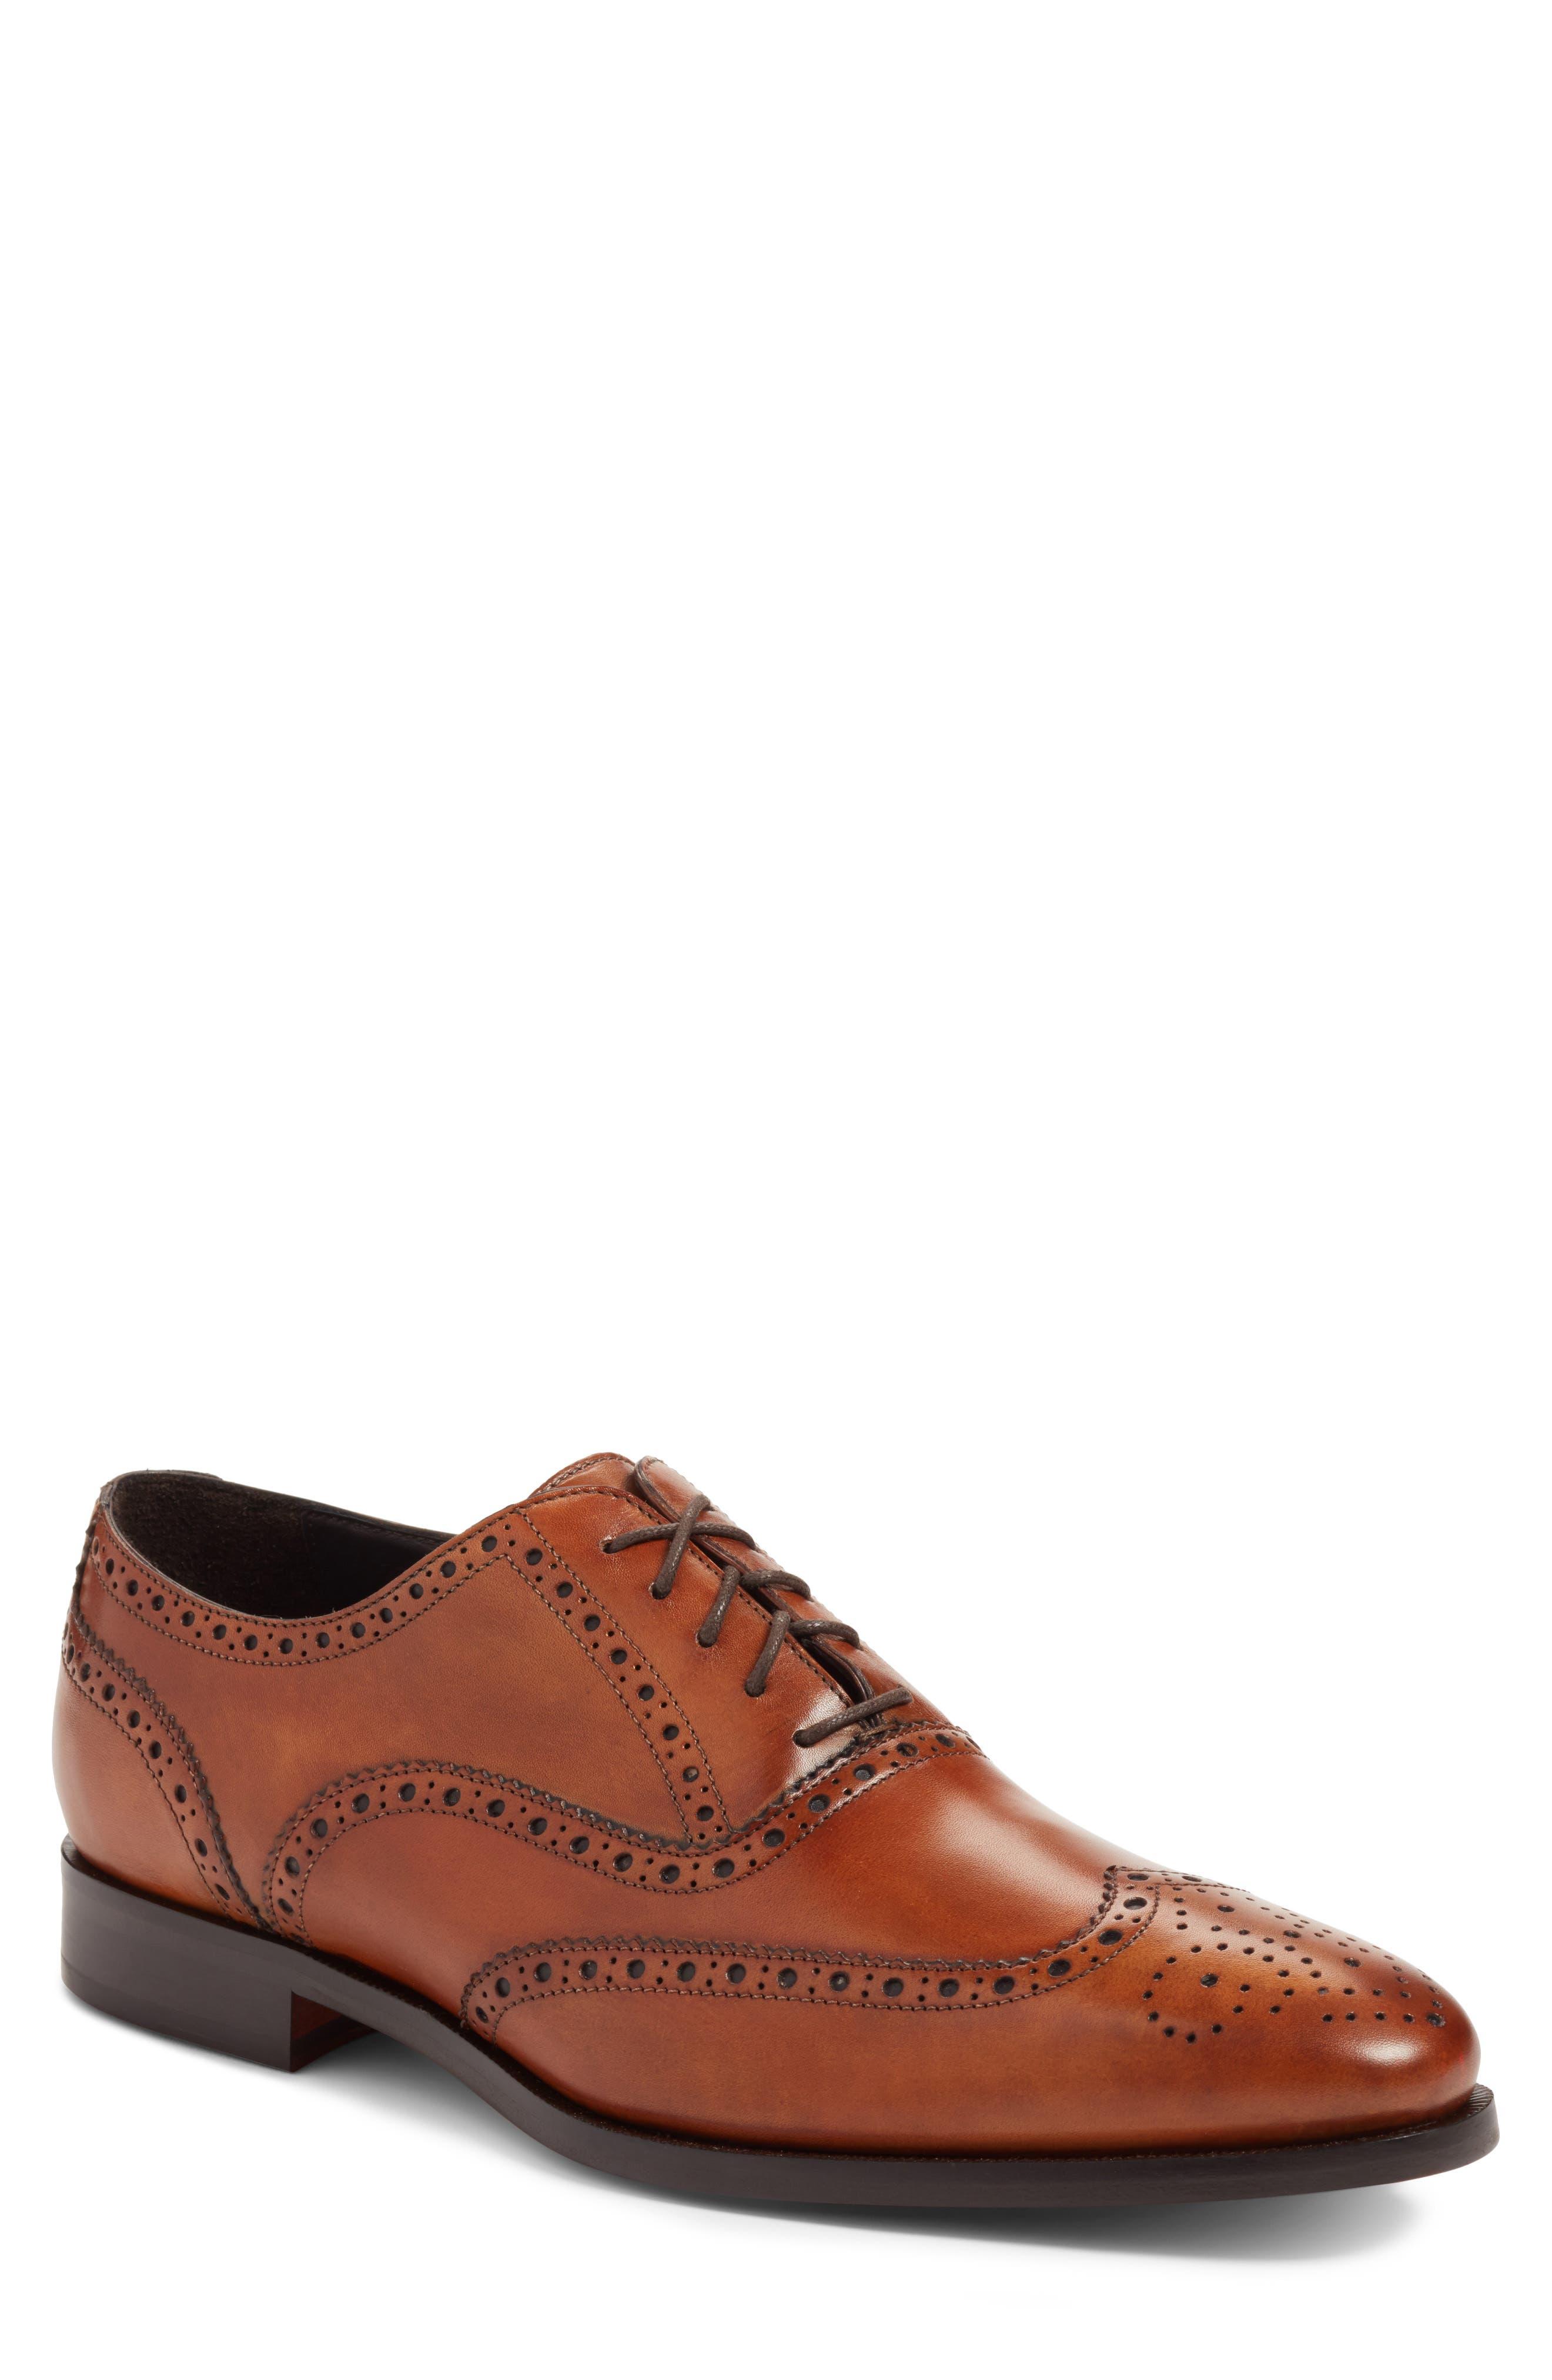 Ambler Wingtip,                         Main,                         color, Cognac Leather